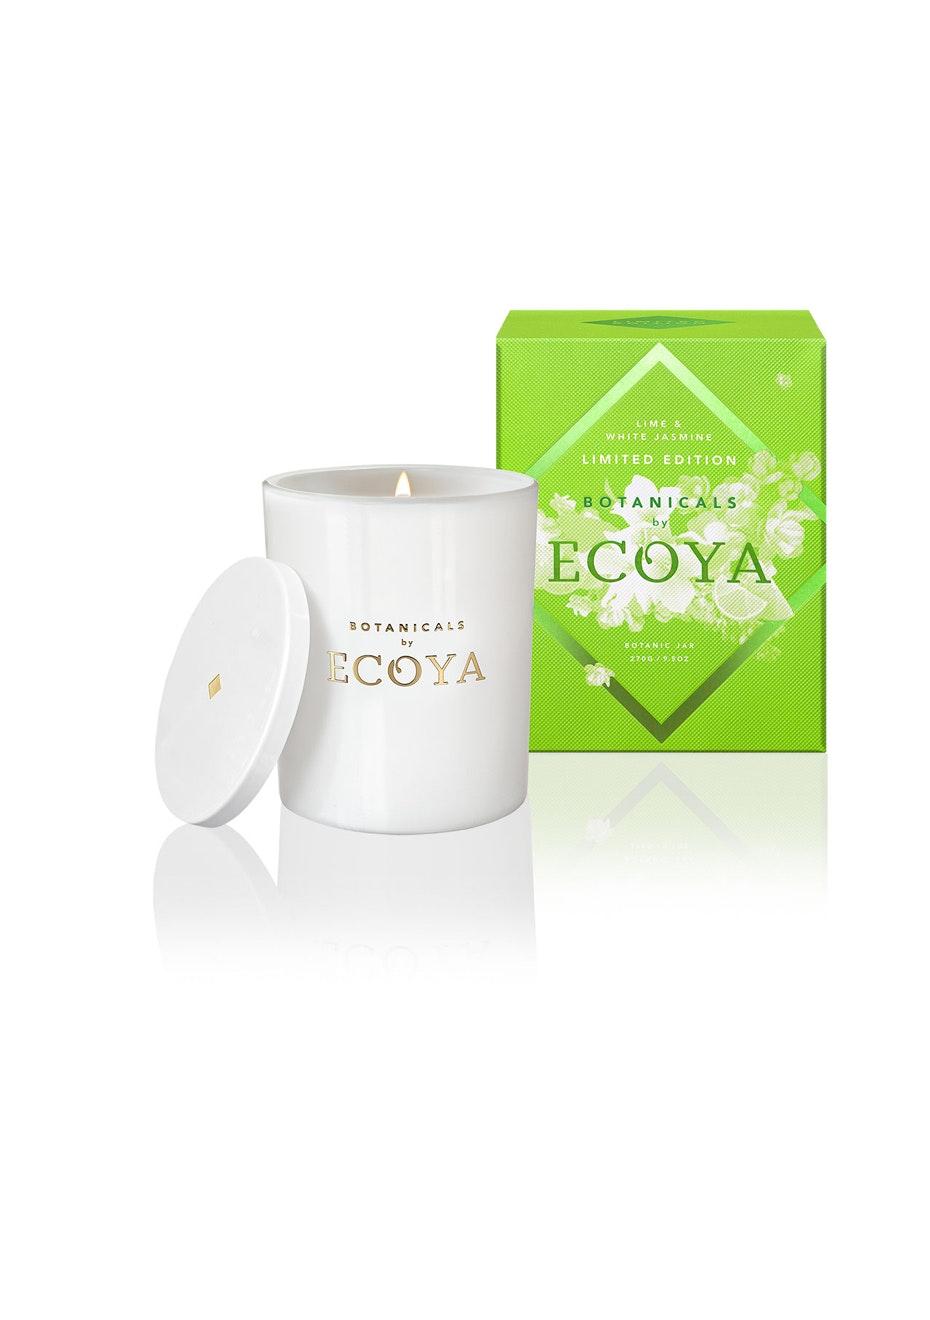 Ecoya - Limited Edition Botanic Jar - Lime & White Jasmine